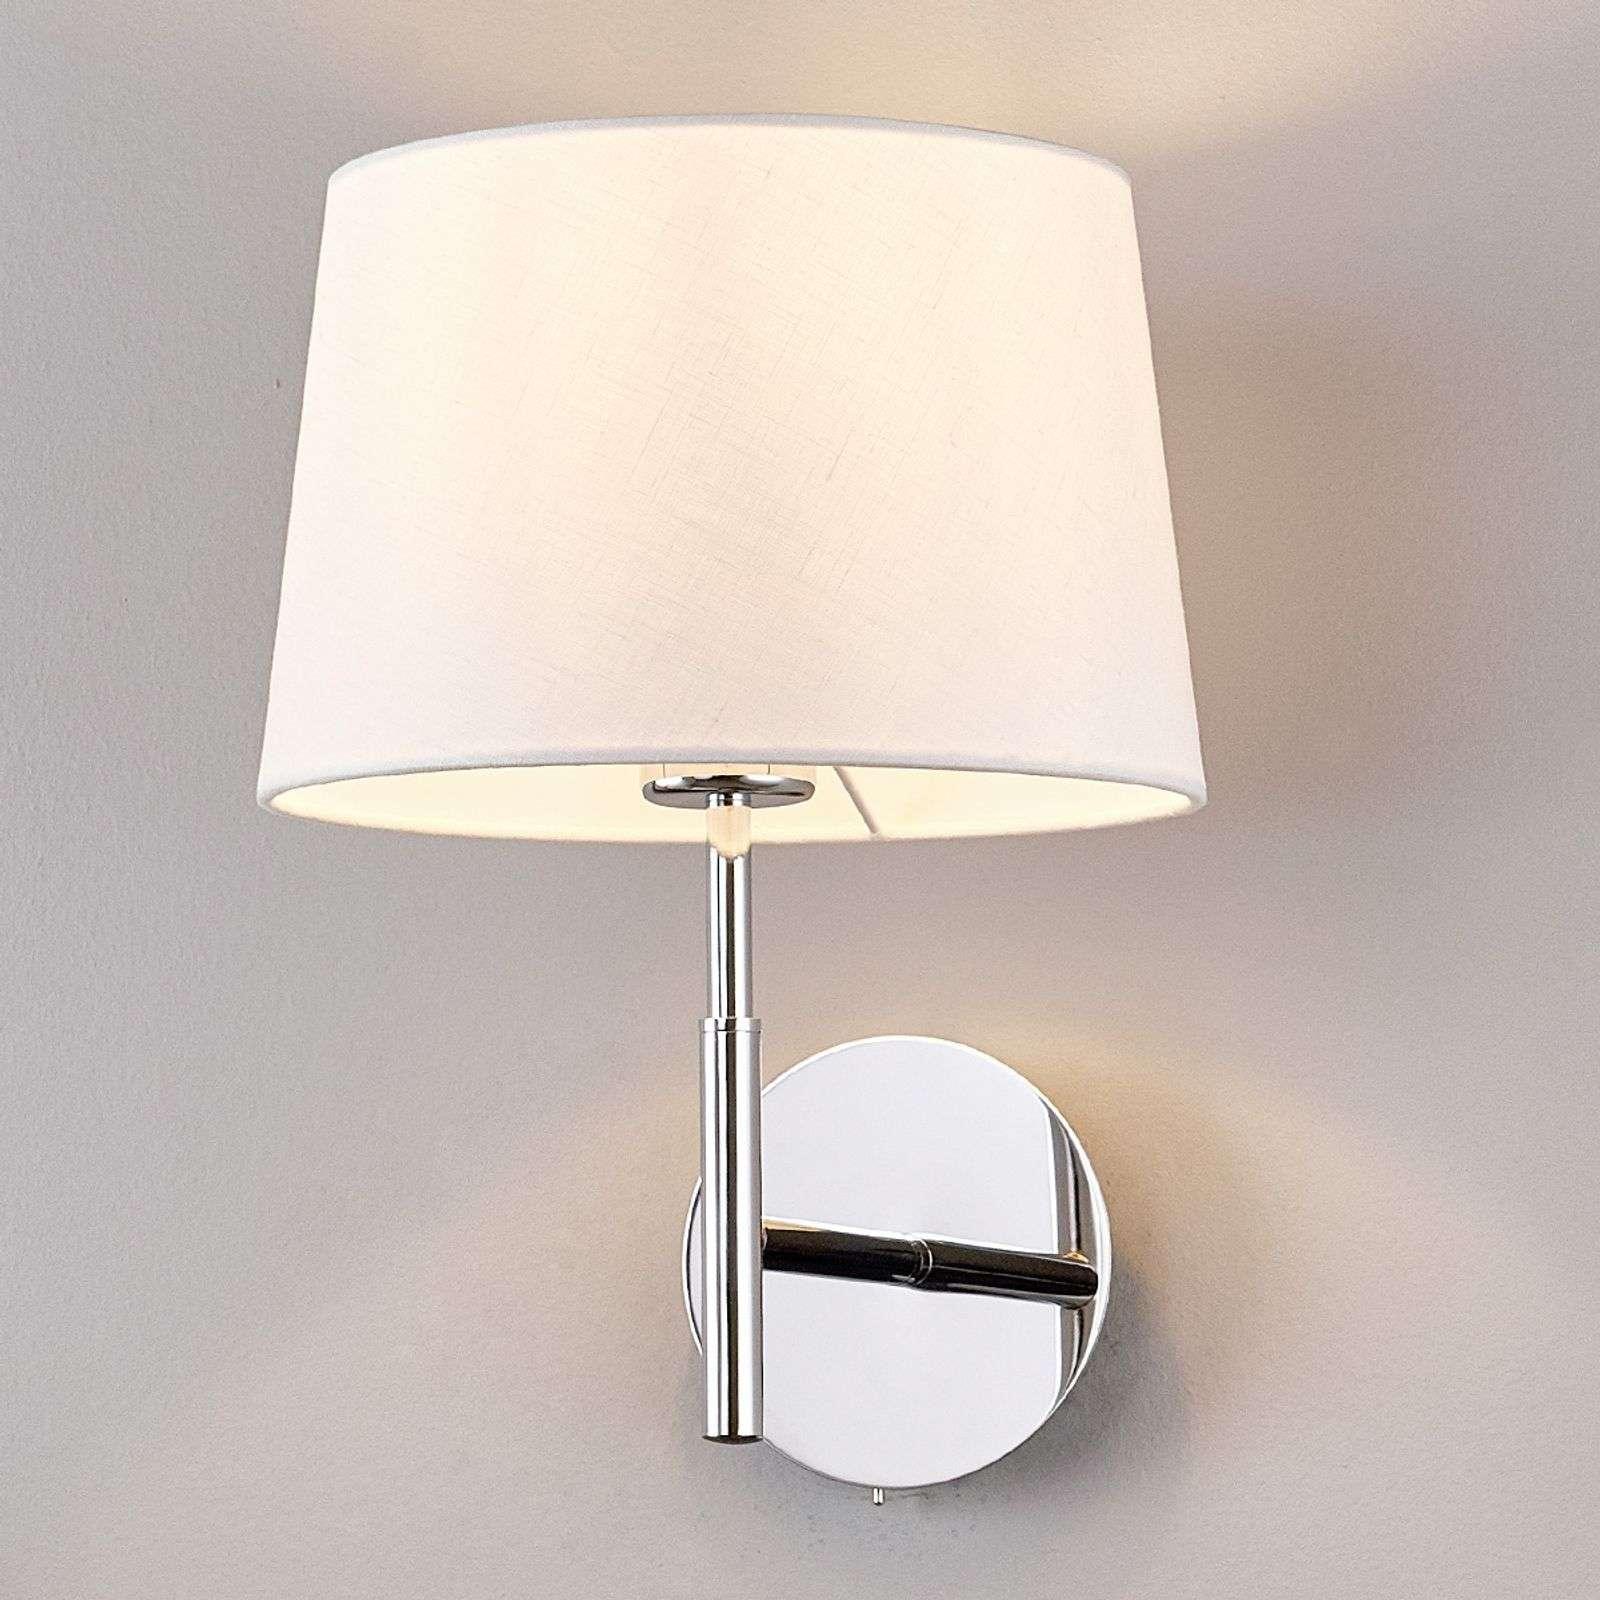 Full Size of Deckenleuchte Schlafzimmer Modern Set Günstig Tapeten Sessel Komplett Poco Weiß Guenstig Komplettangebote Schrank Schlafzimmer Wandleuchte Schlafzimmer